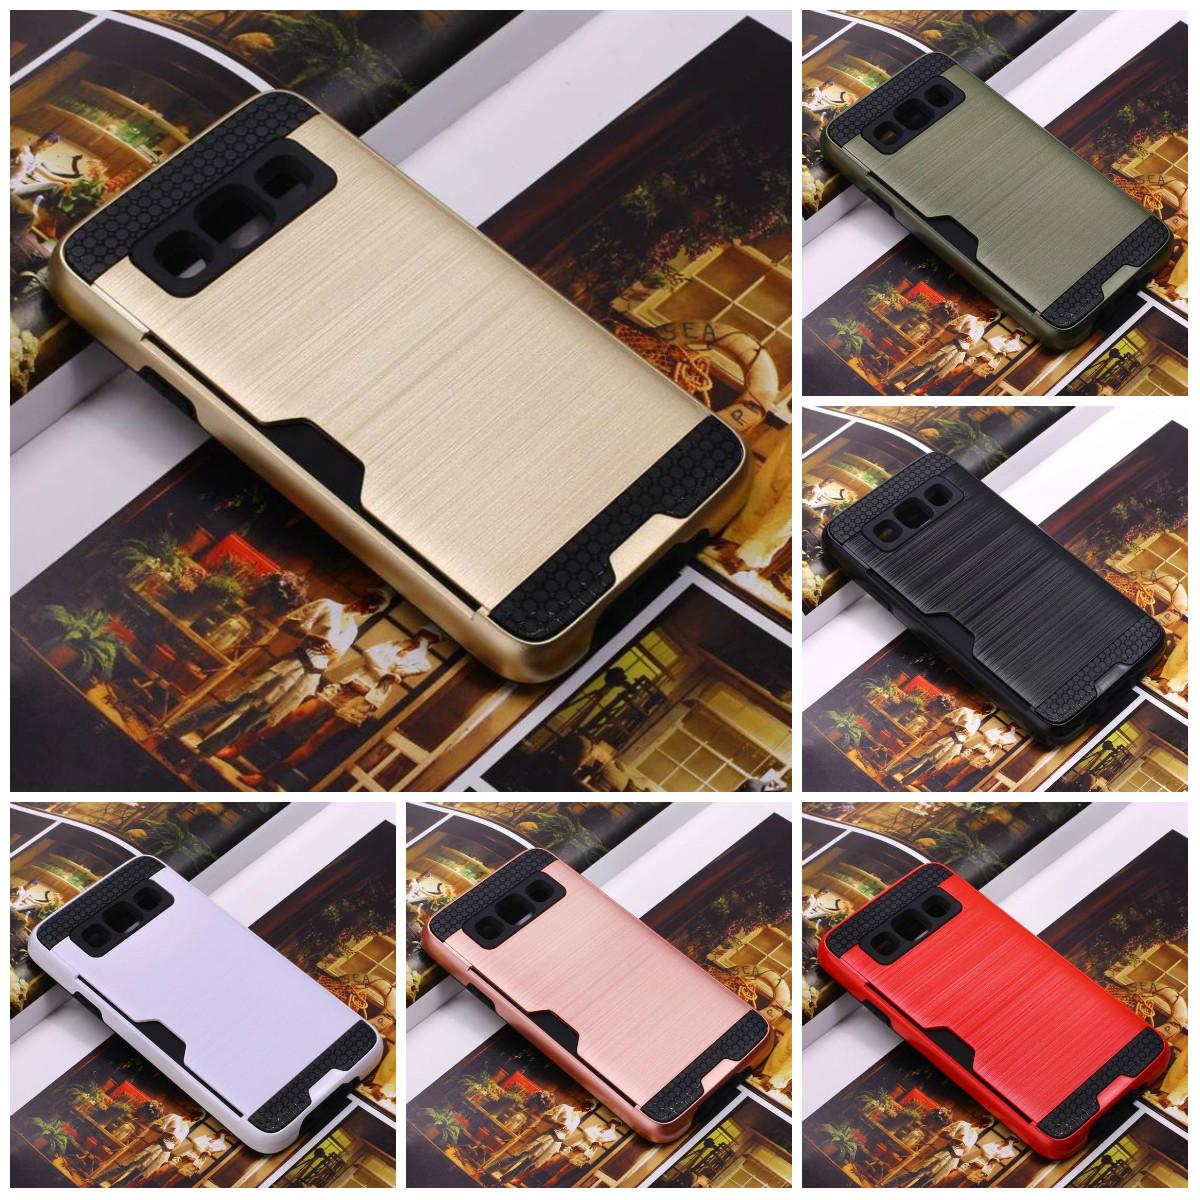 """SAMSUNG A5 A500 противоударный чехол панель накладка бампер защита 360* 3D для телефона  """"VERGIN"""""""